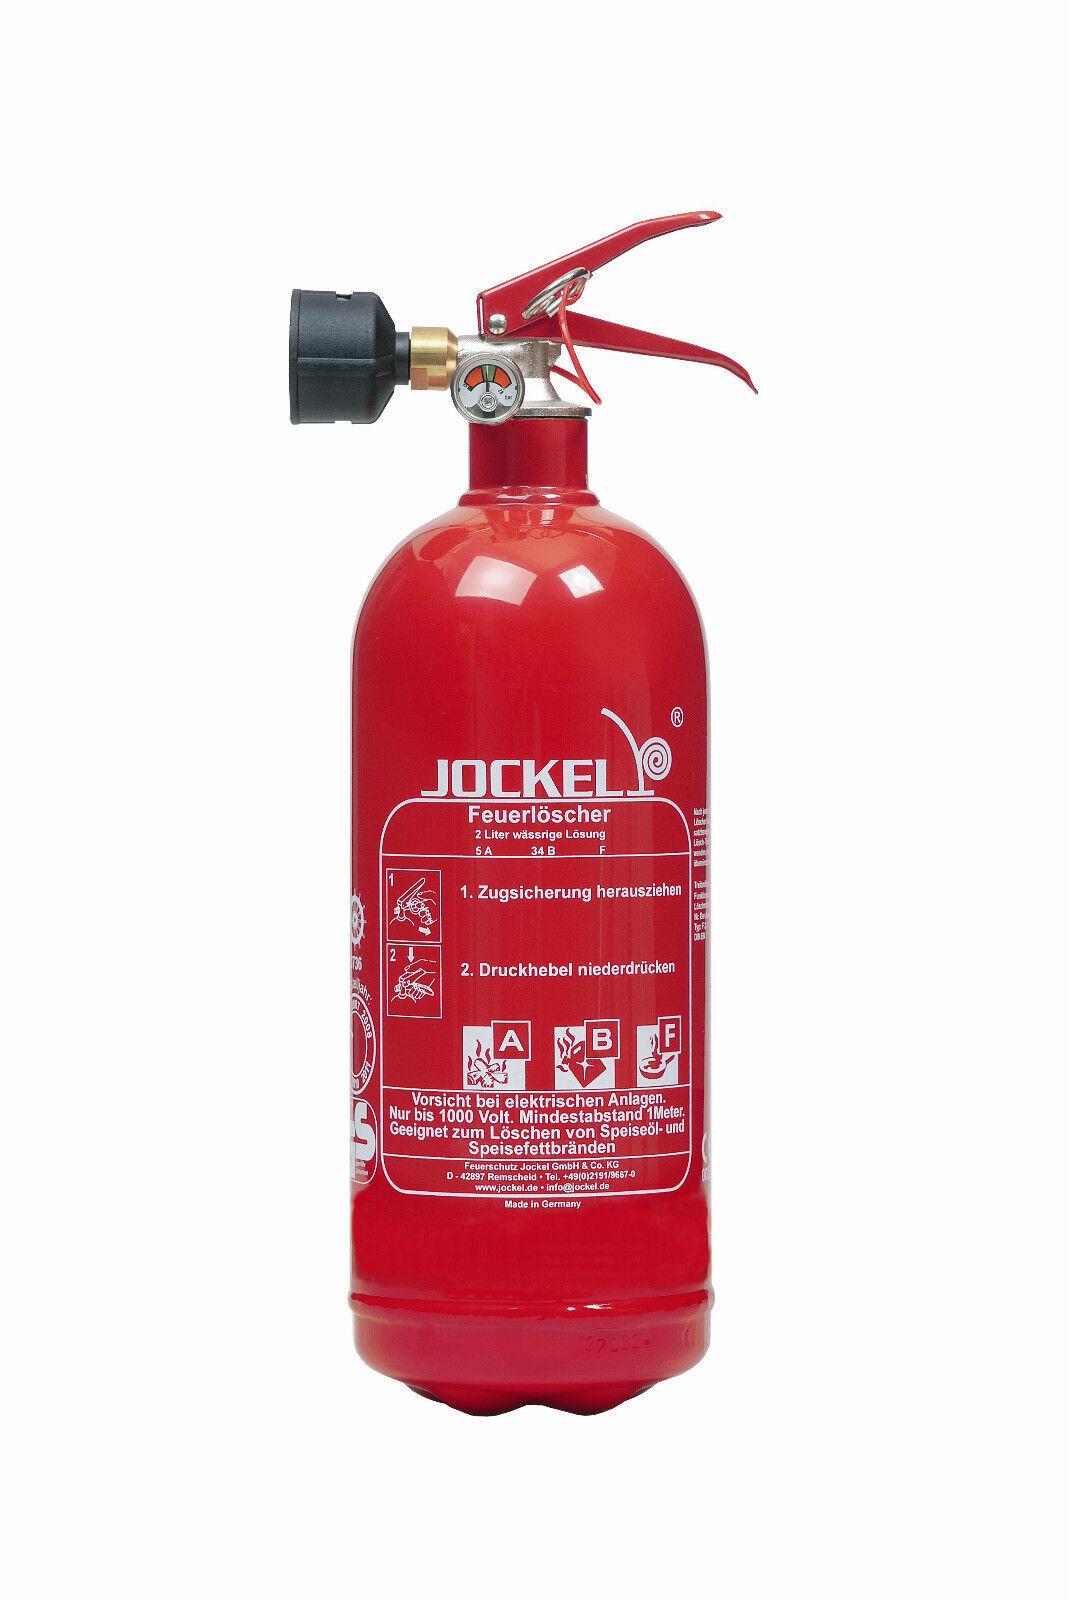 2 Liter Haushaltslöscher Fettbrandlöscher Feuerlöscher F2JM5 (ArtNr. 2530100) 1